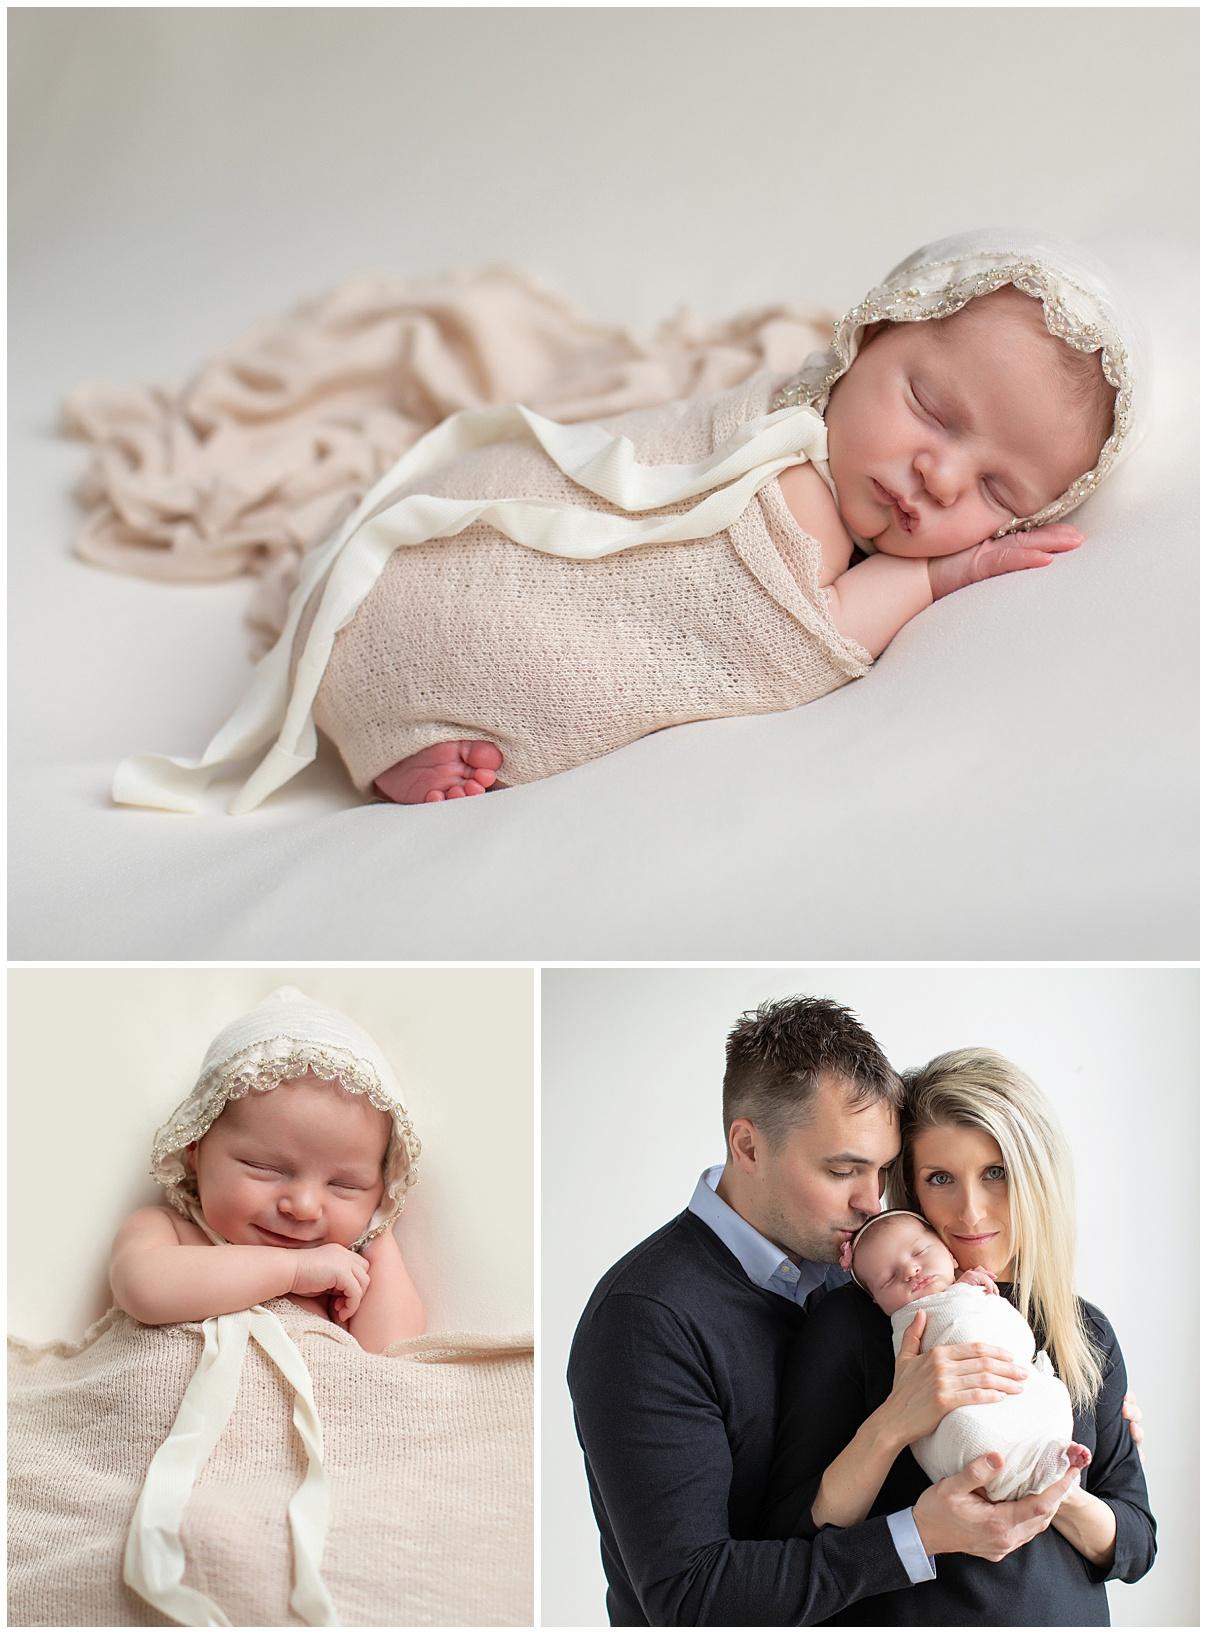 newborn_baby_family_photographer.jpg